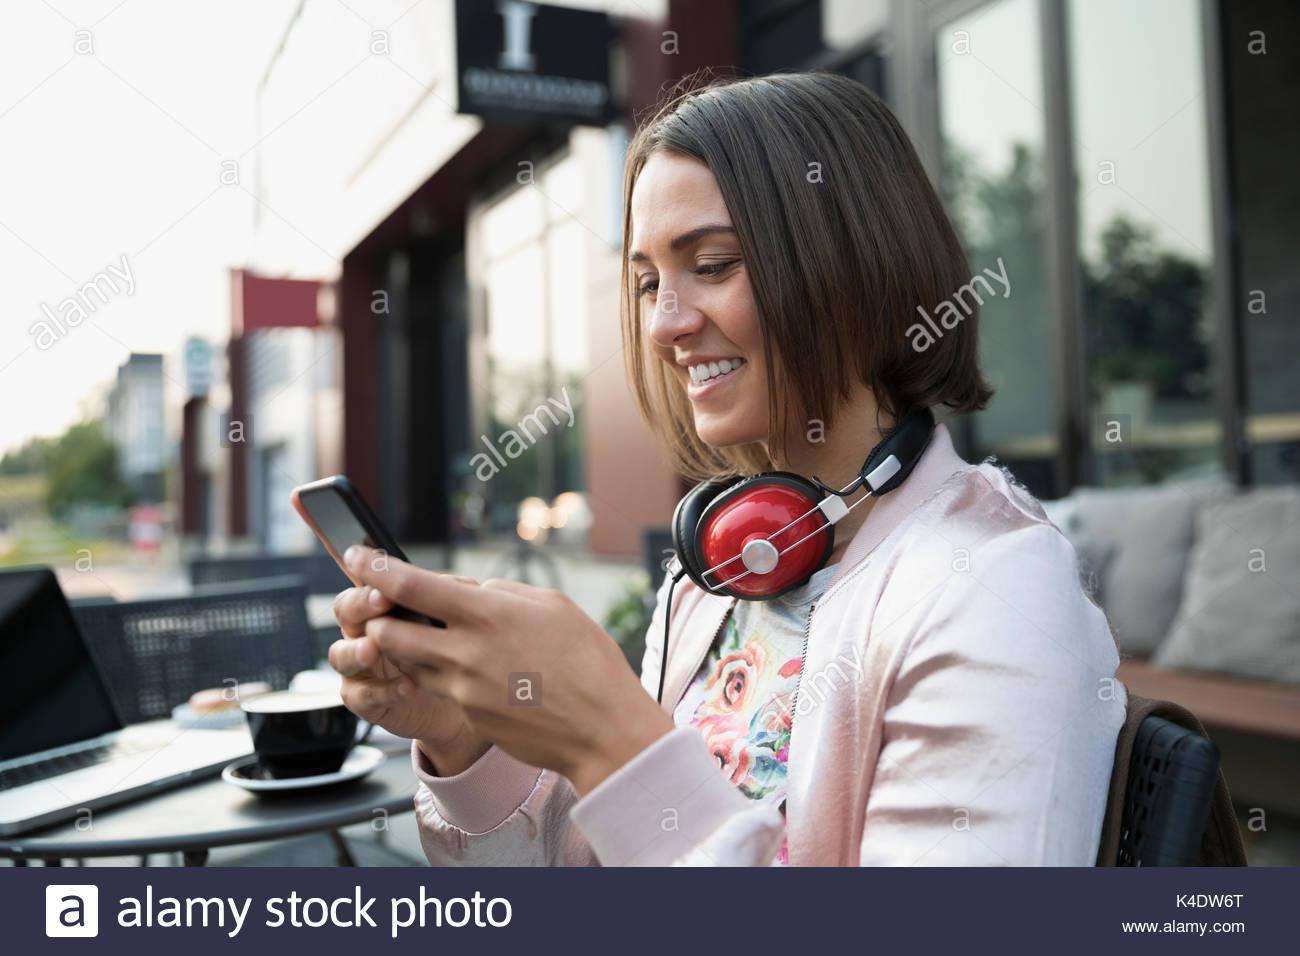 Lächelnd brünette Frau mit Kopfhörer SMS mit Handy im Straßencafé Stockbild